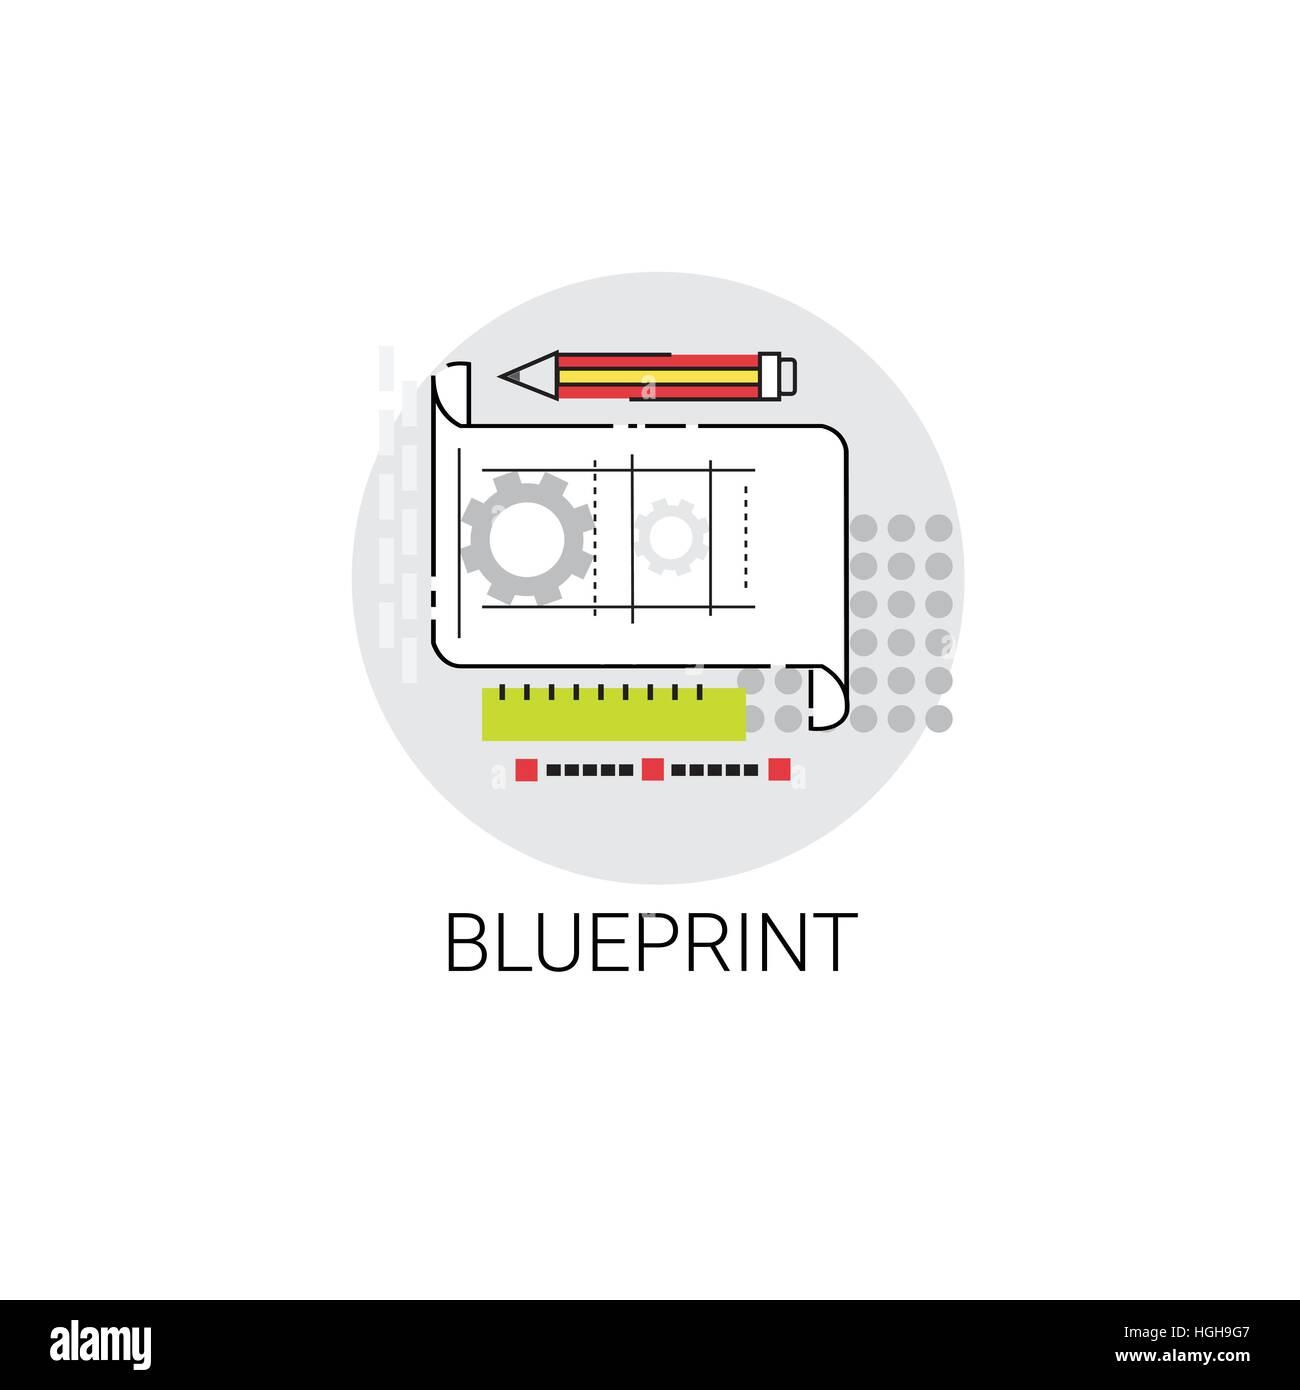 Blueprint building project construction engineering icon stock blueprint building project construction engineering icon malvernweather Gallery